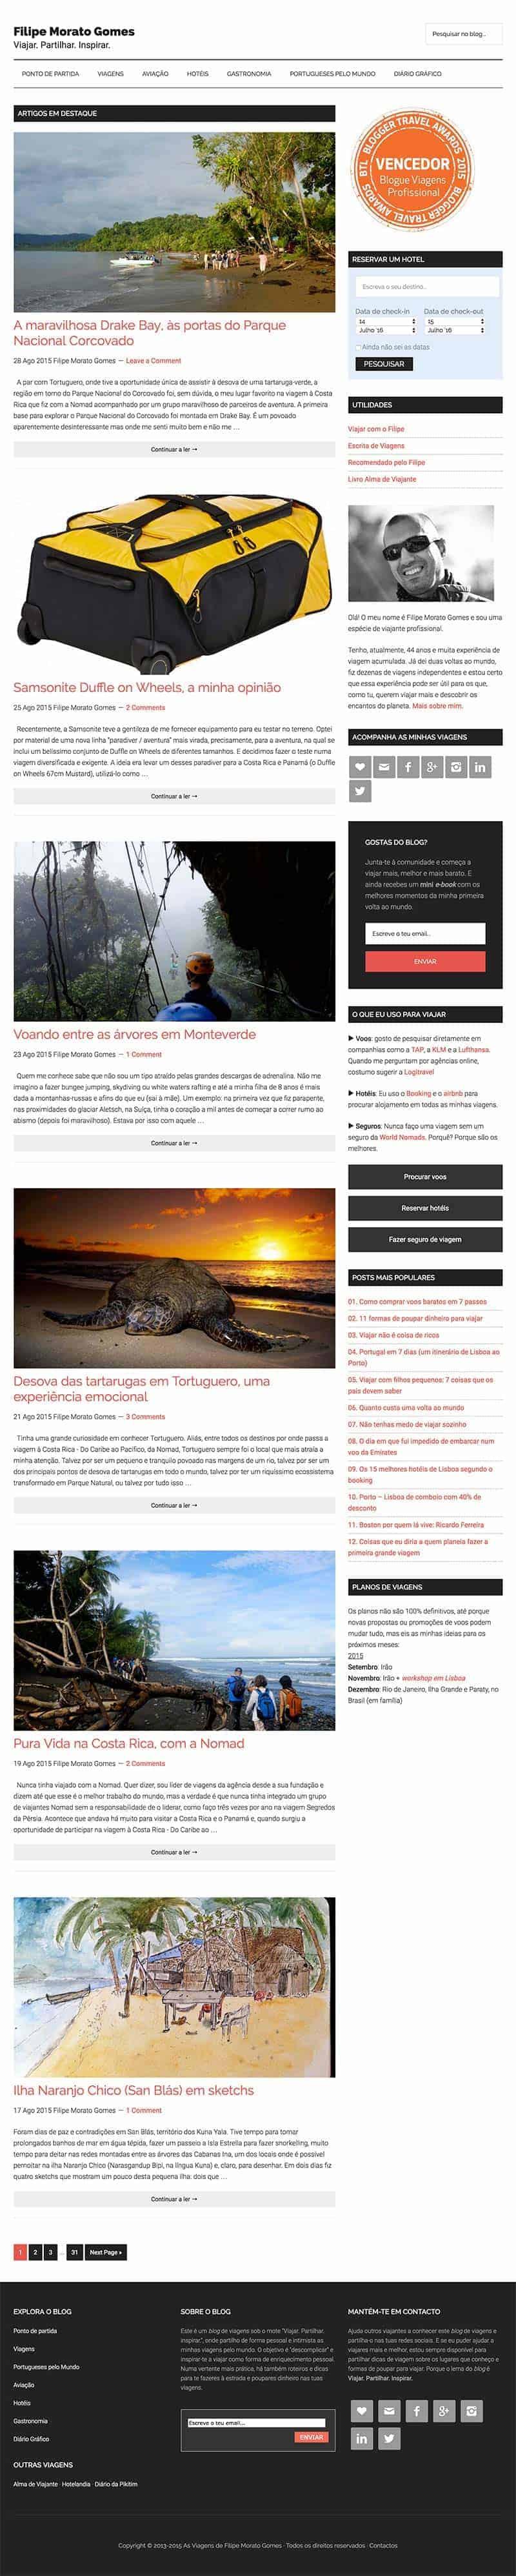 Homepage do blog As Viagens de Filipe Morato Gomes